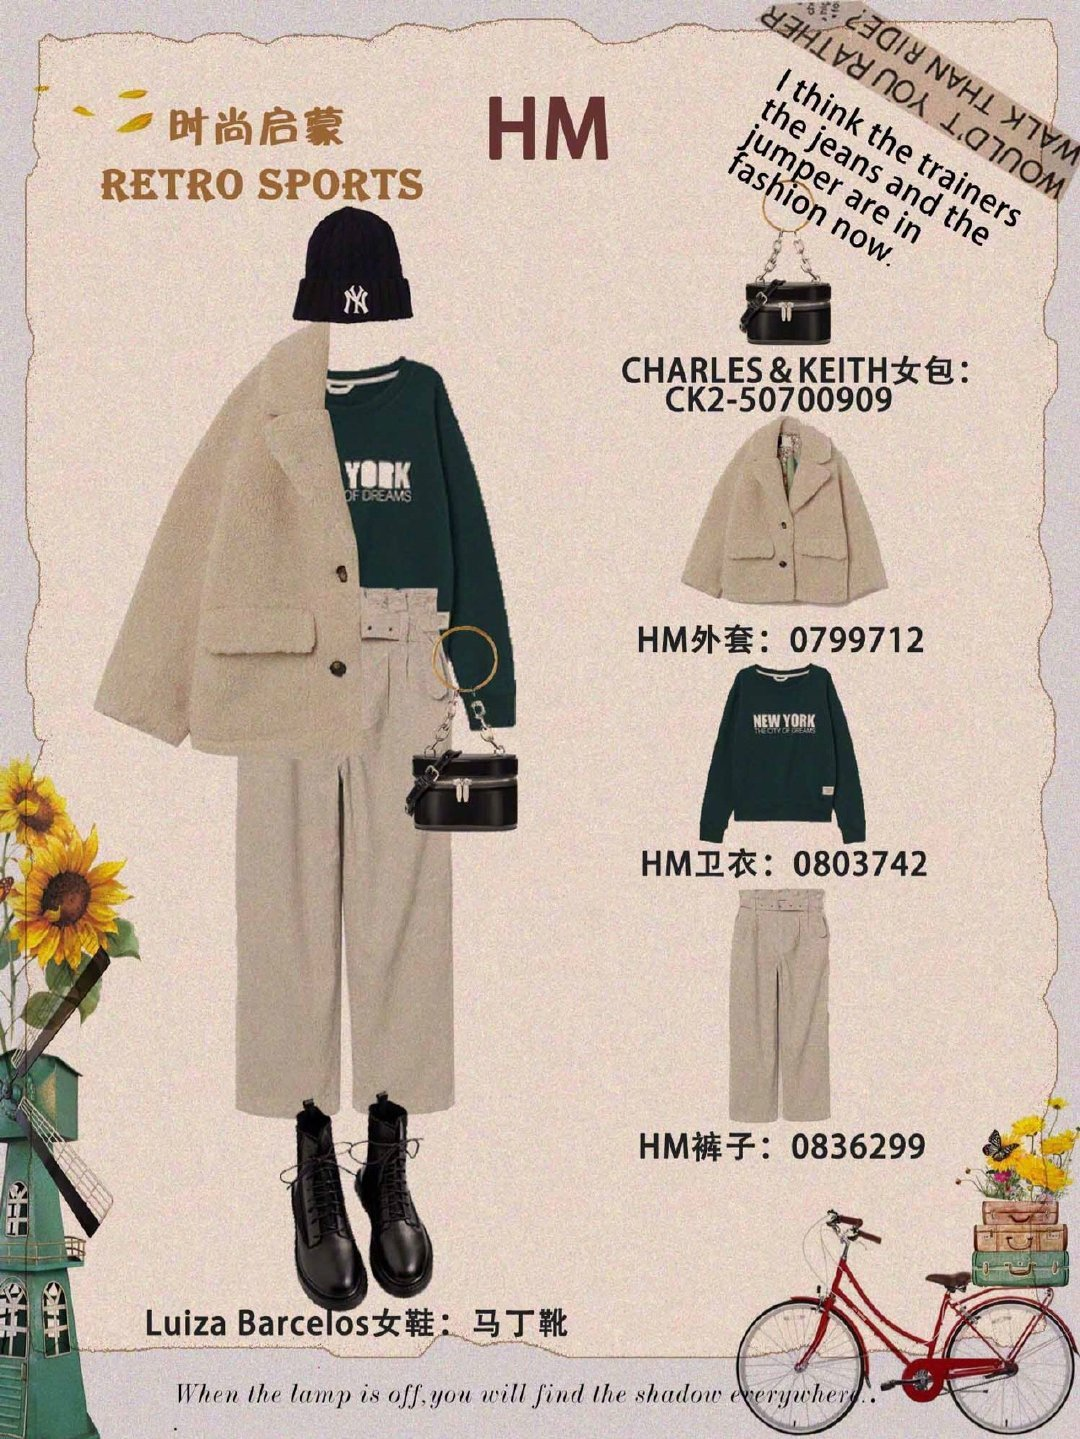 HM试衣间 | 保暖时髦两不误的初冬穿搭